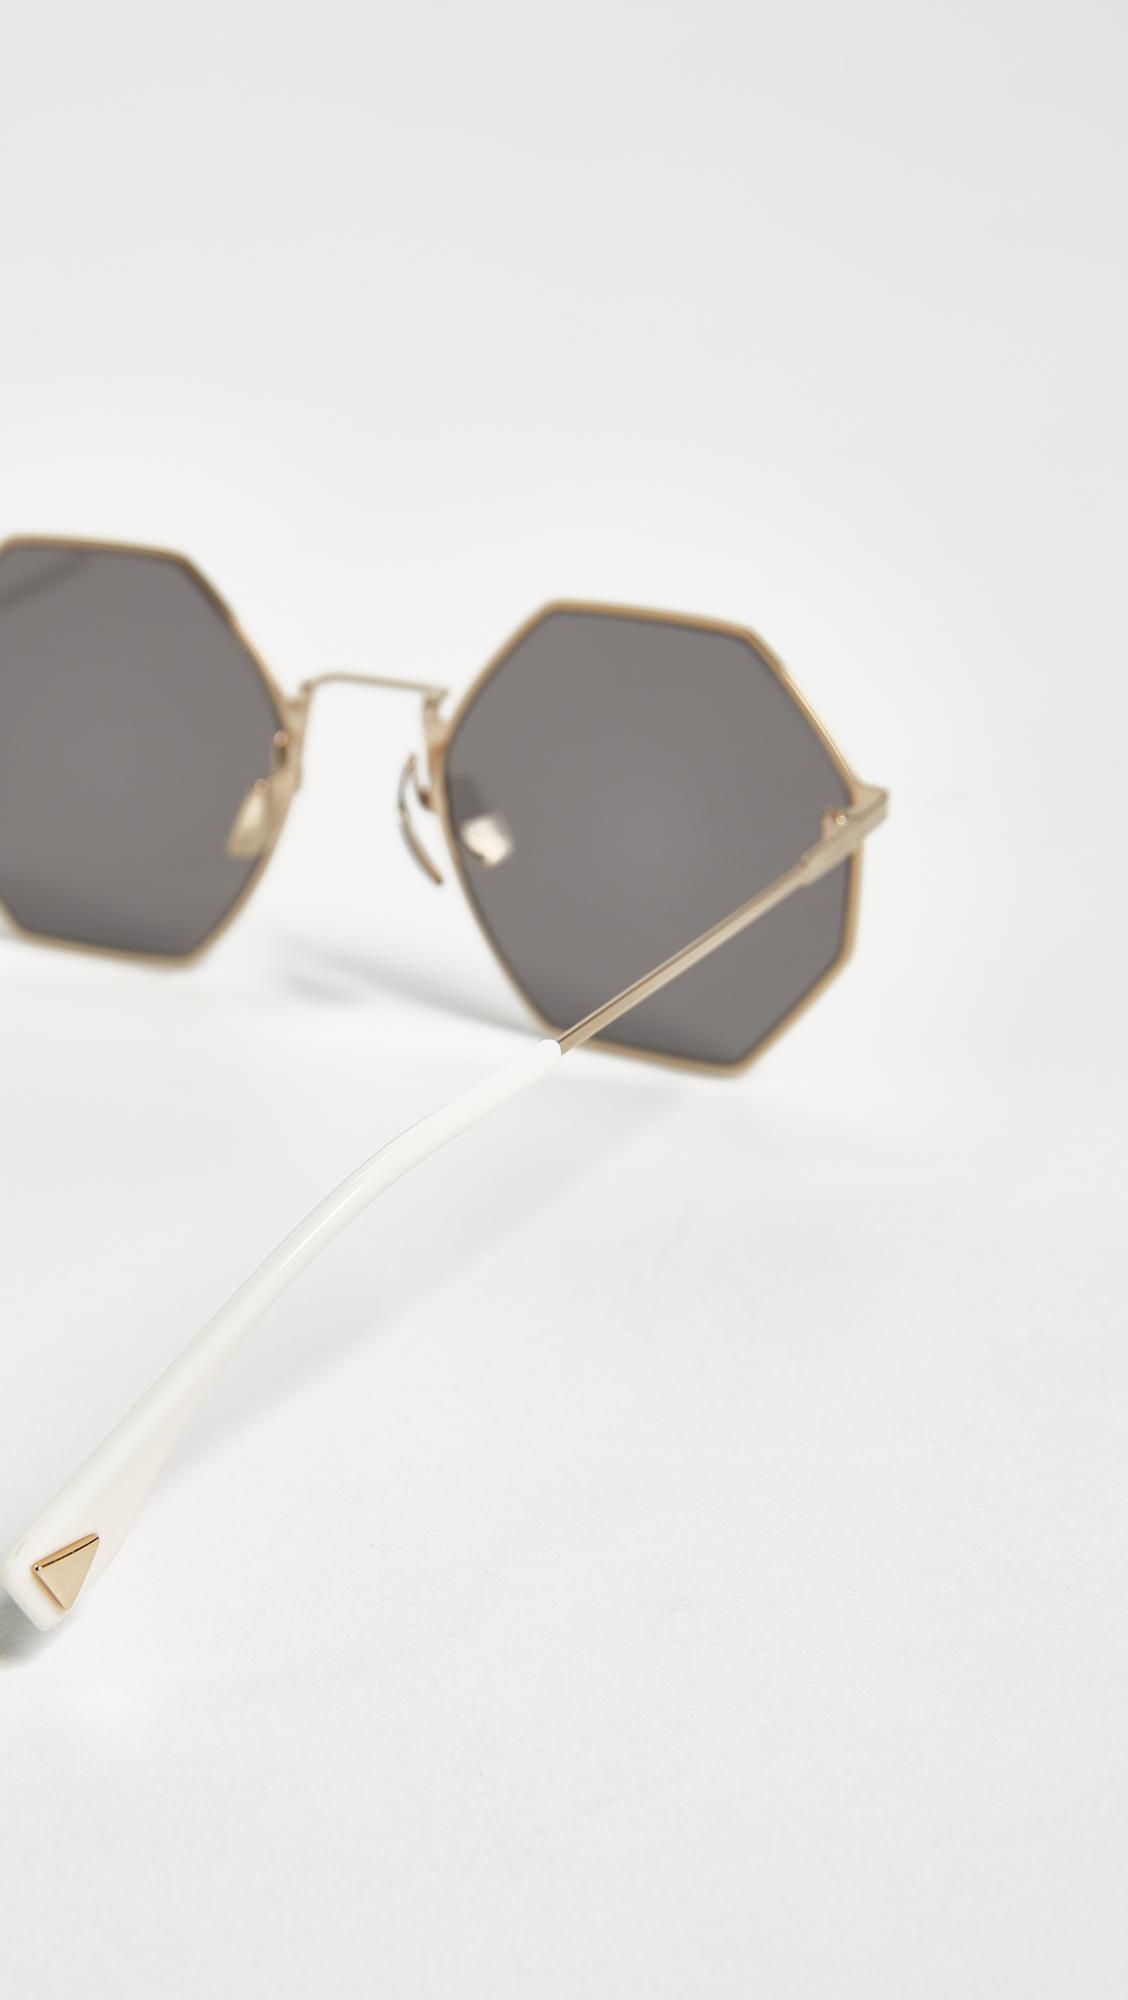 8b777061675 Fendi Geometric Sunglasses